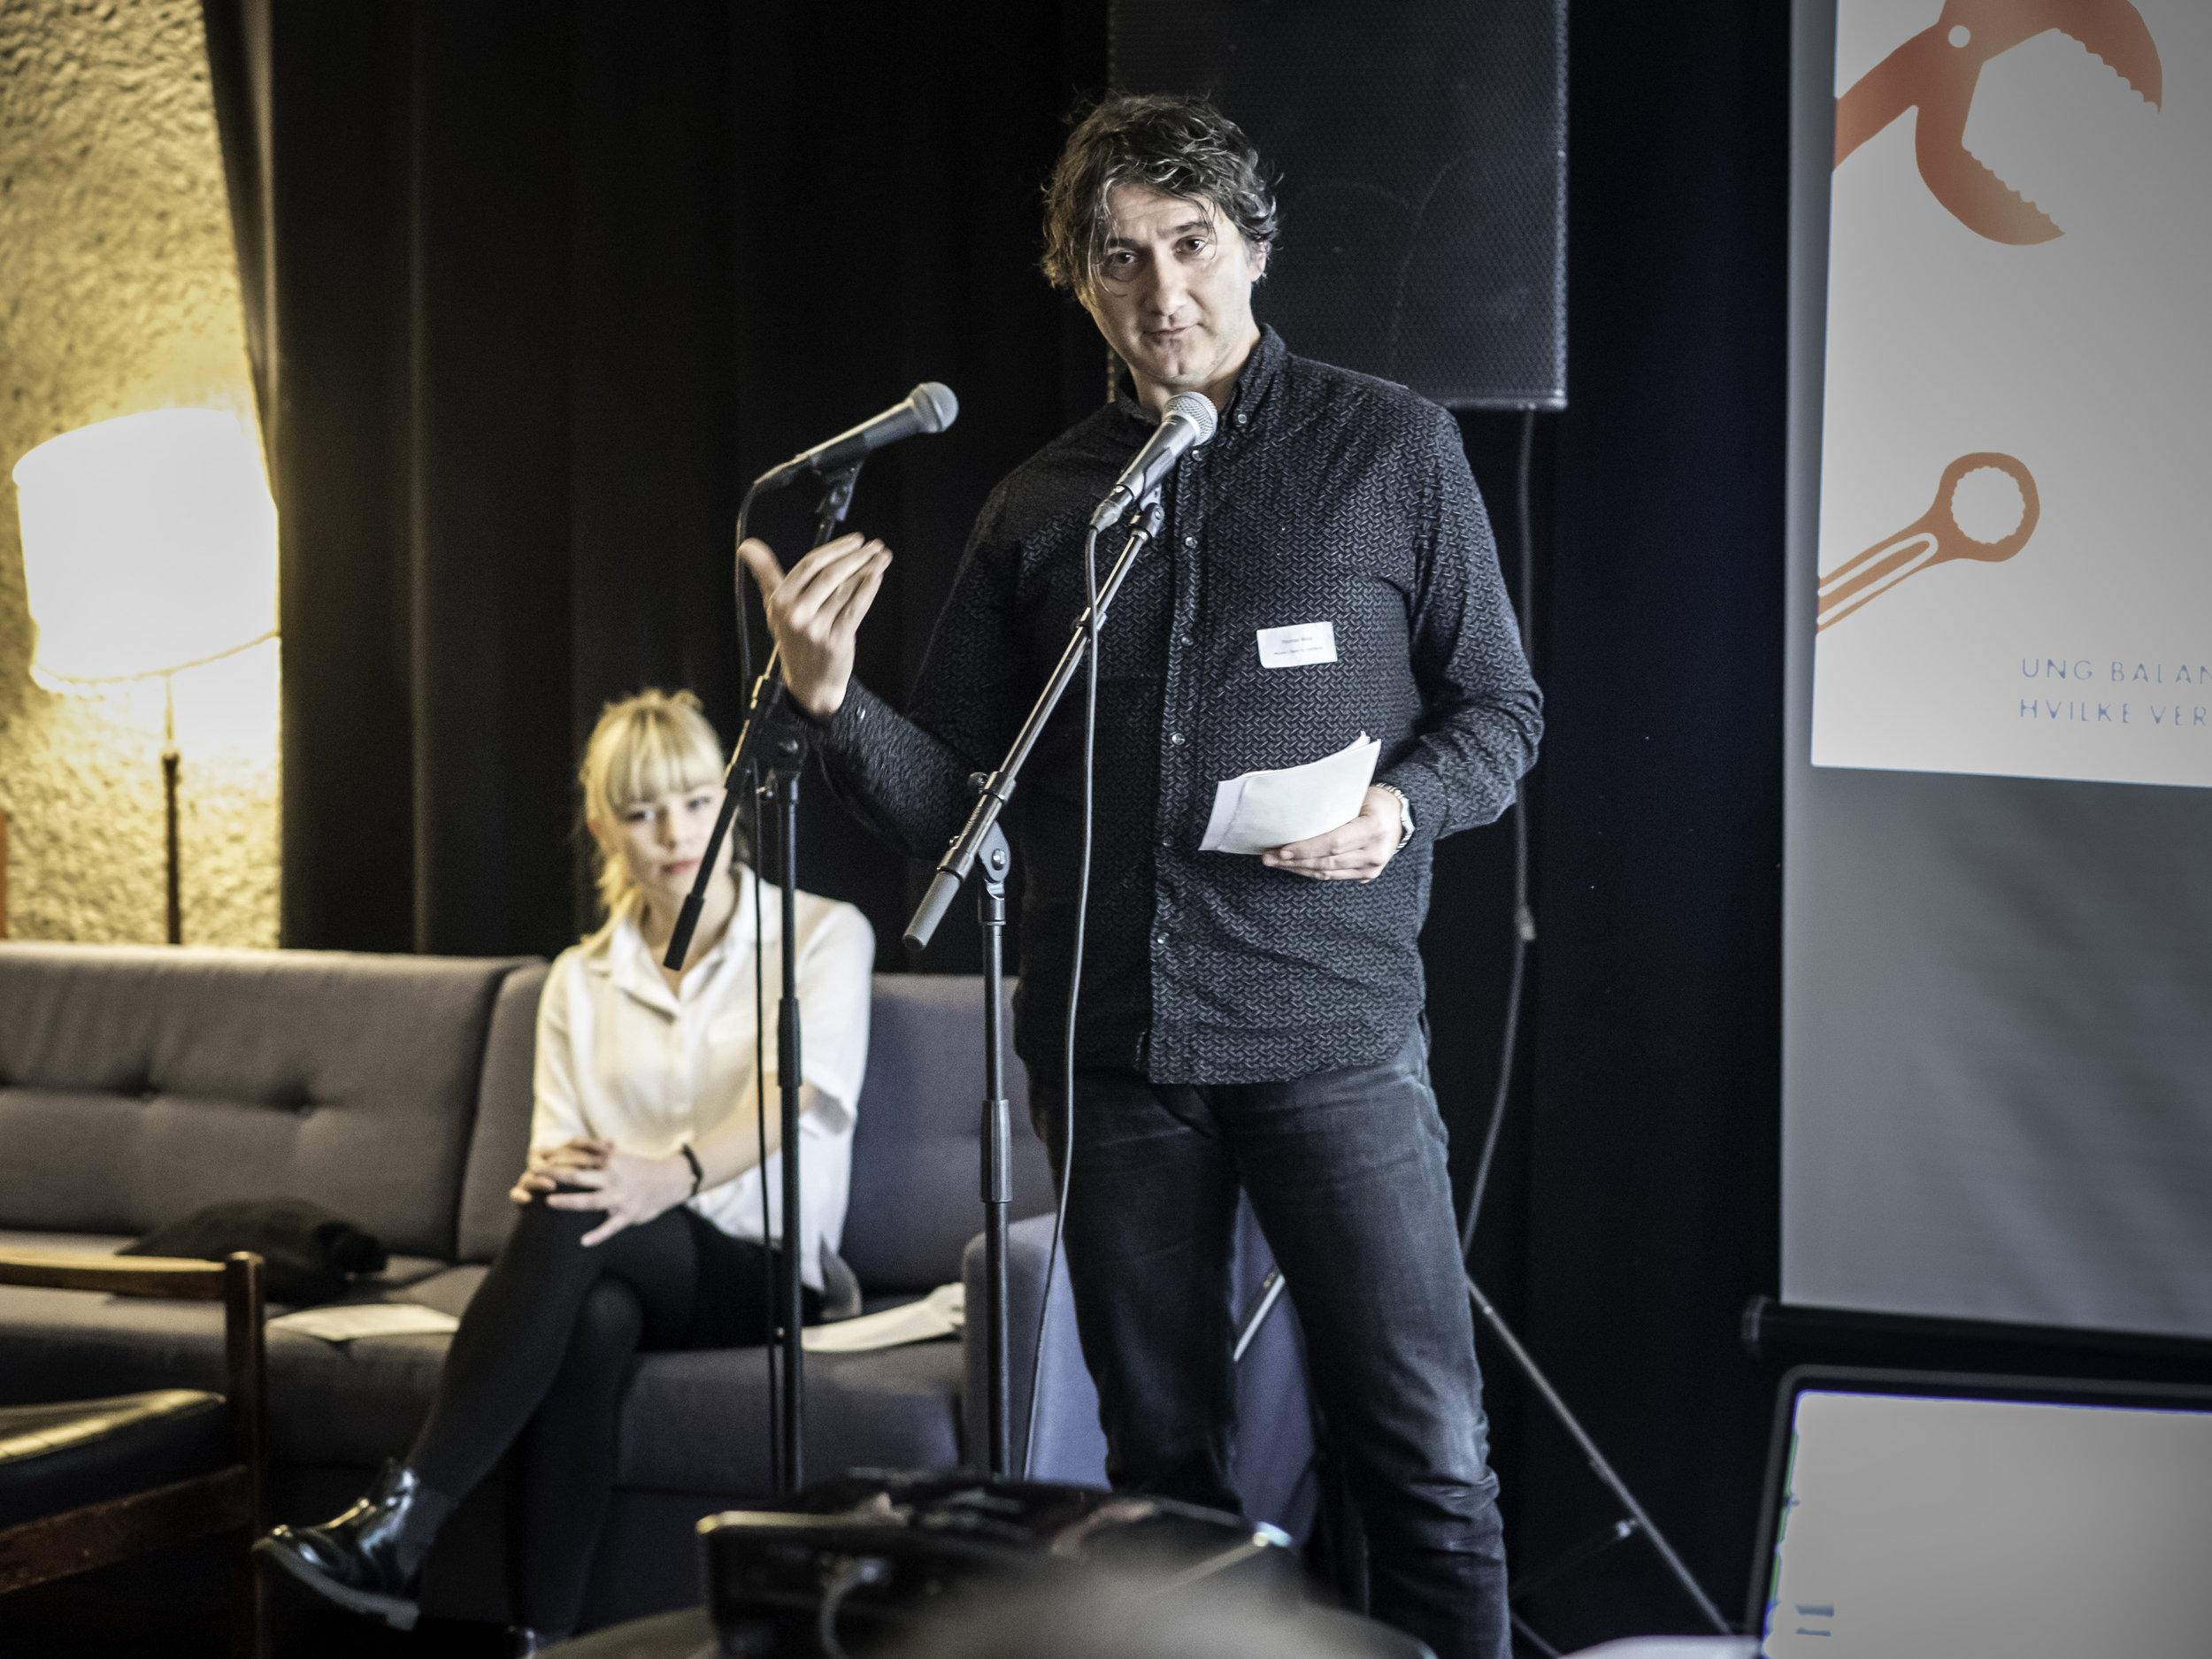 Styremedlem i Balansekunst Thomas Walle på Balansekunstkonferansen. Foto: Petter Sandell